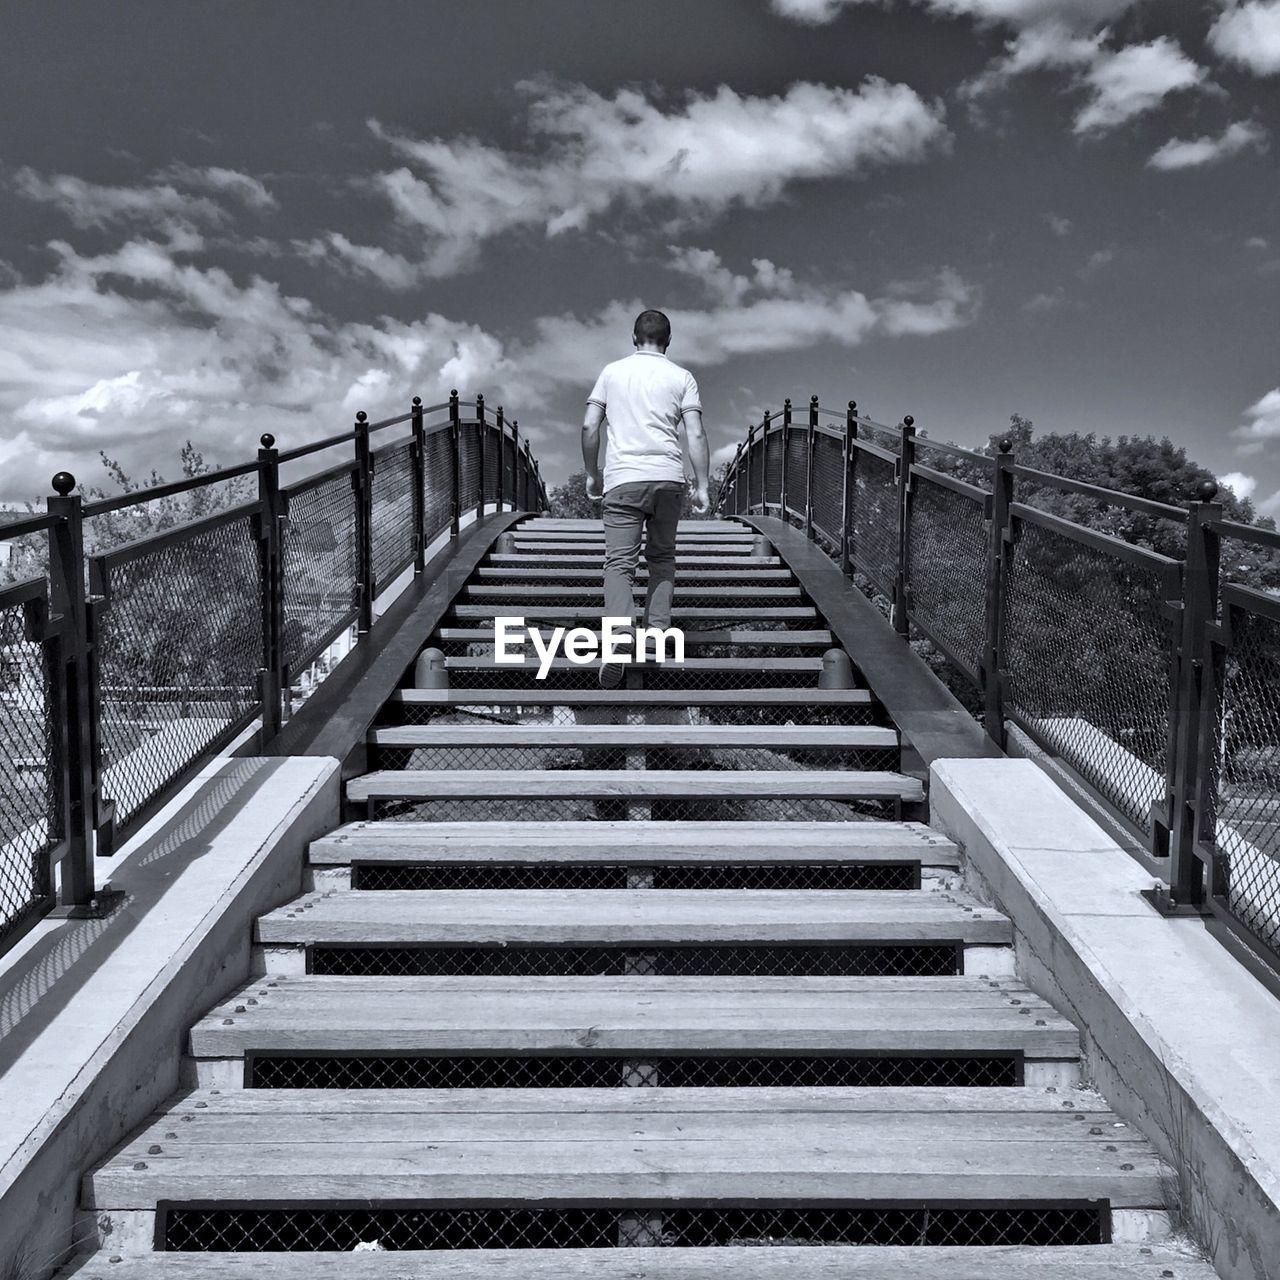 Rear view of man walking on steps of bridge against sky